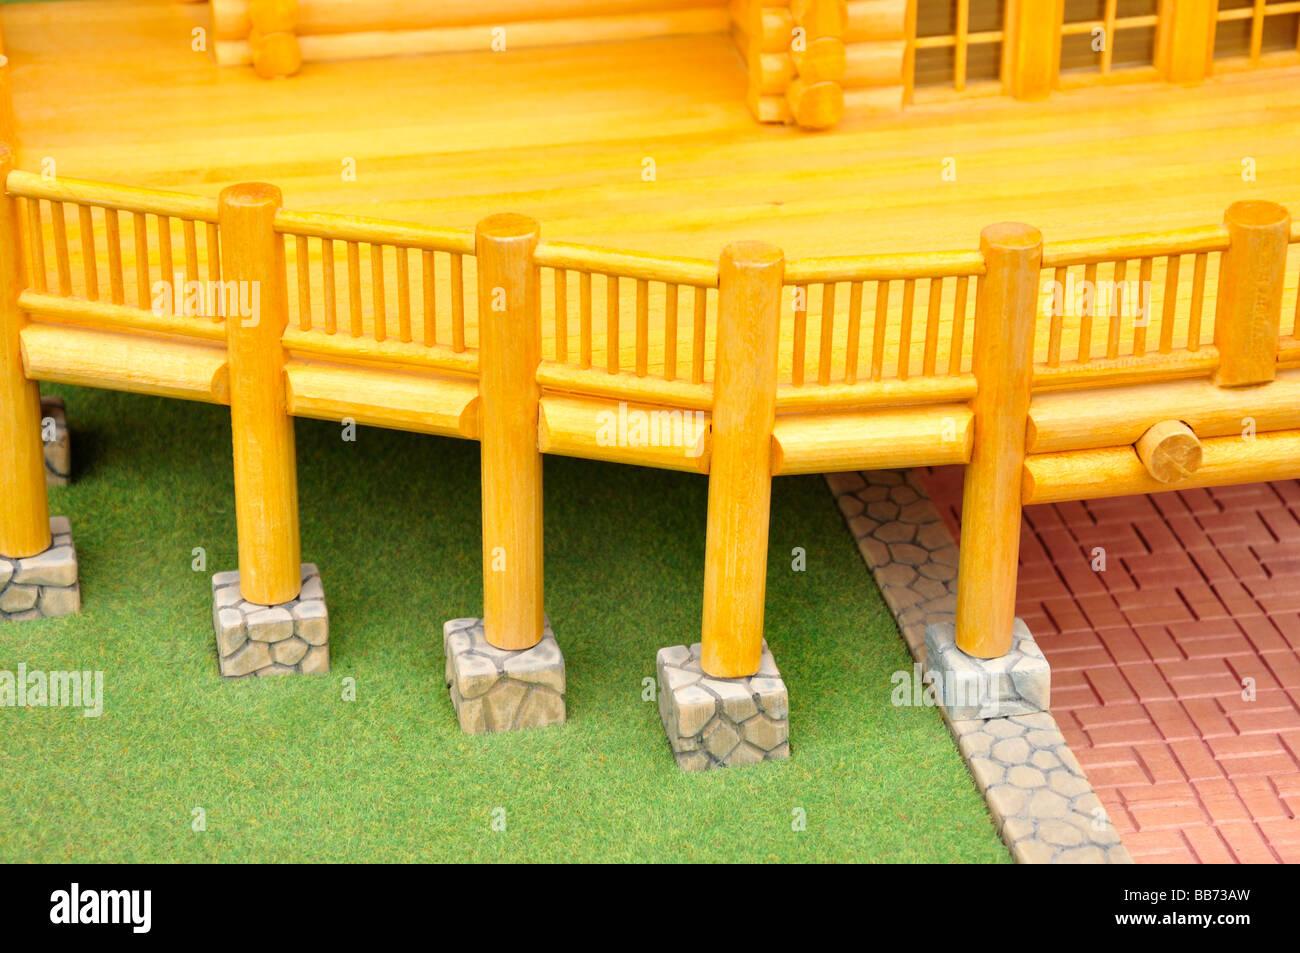 Holz Balkon Modell Stockfoto Bild 24127905 Alamy